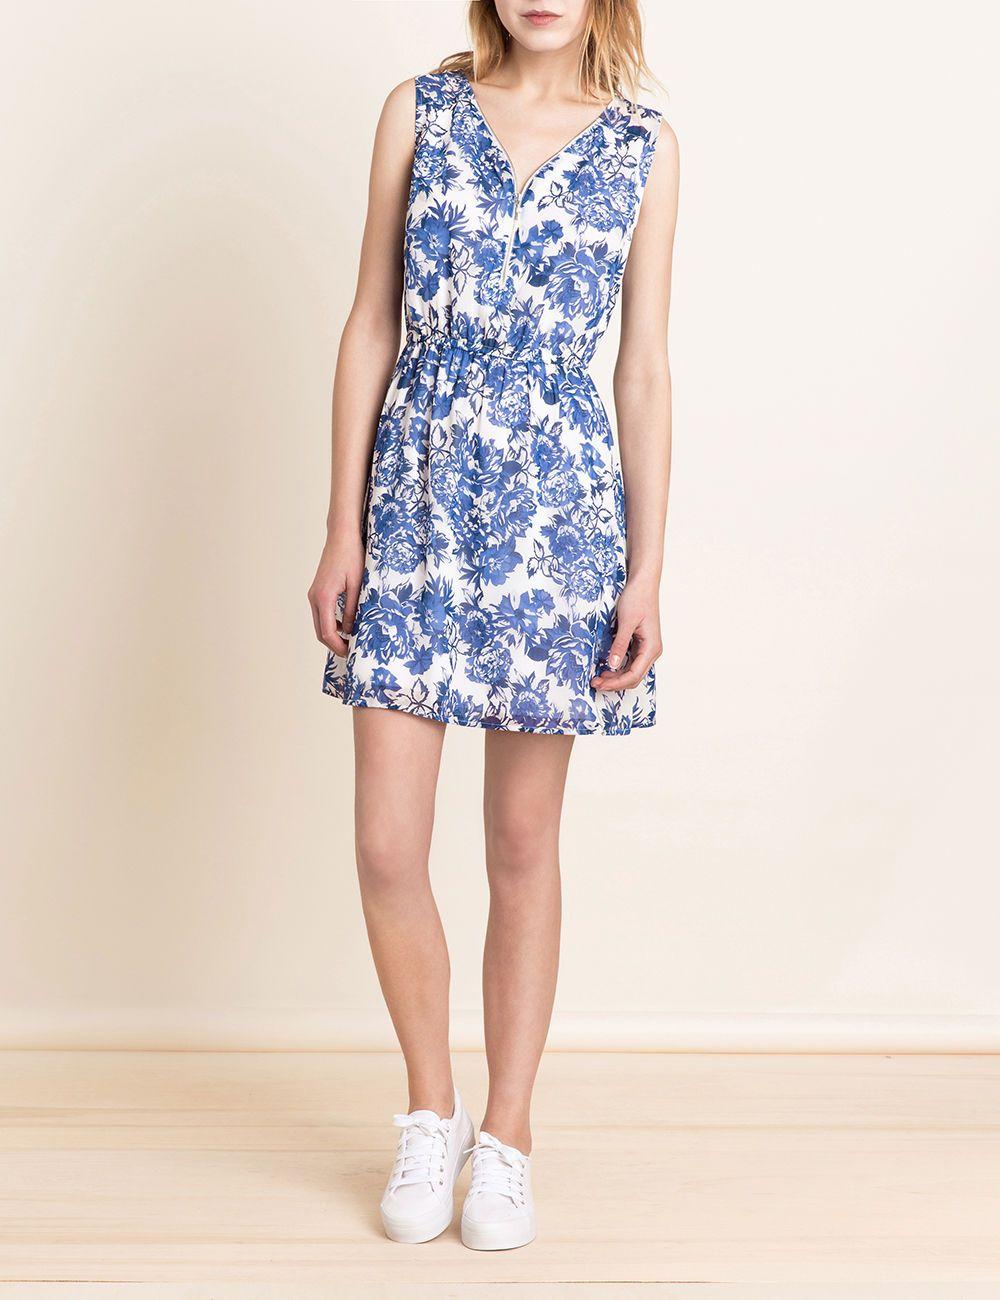 robe mousseline fleurie blanche et bleue